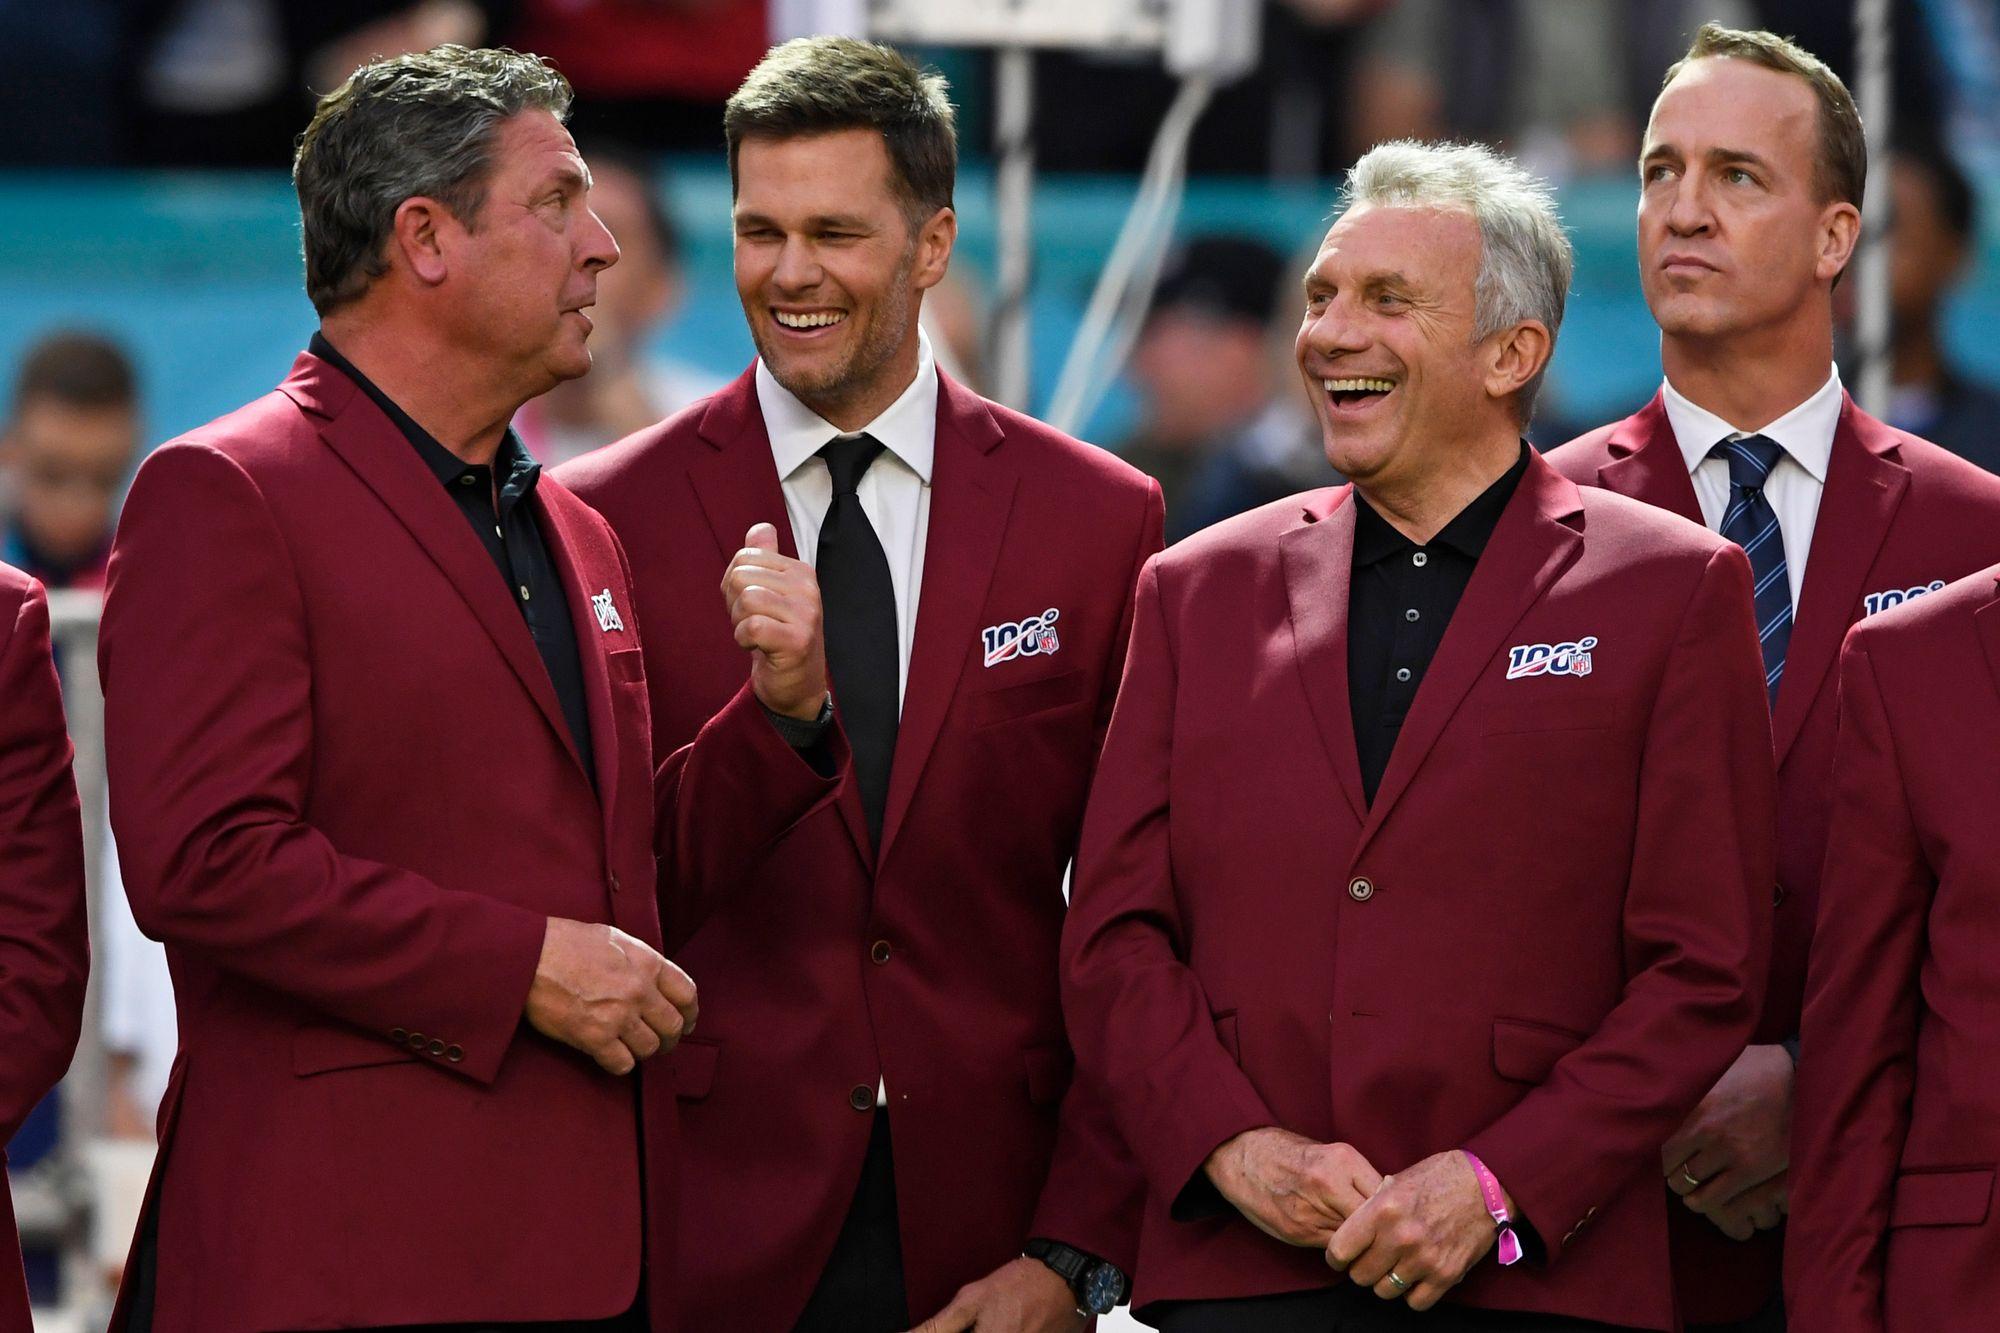 Dan Marino, Tom Brady, Joe Montana laughing,  Peyton Manning in background